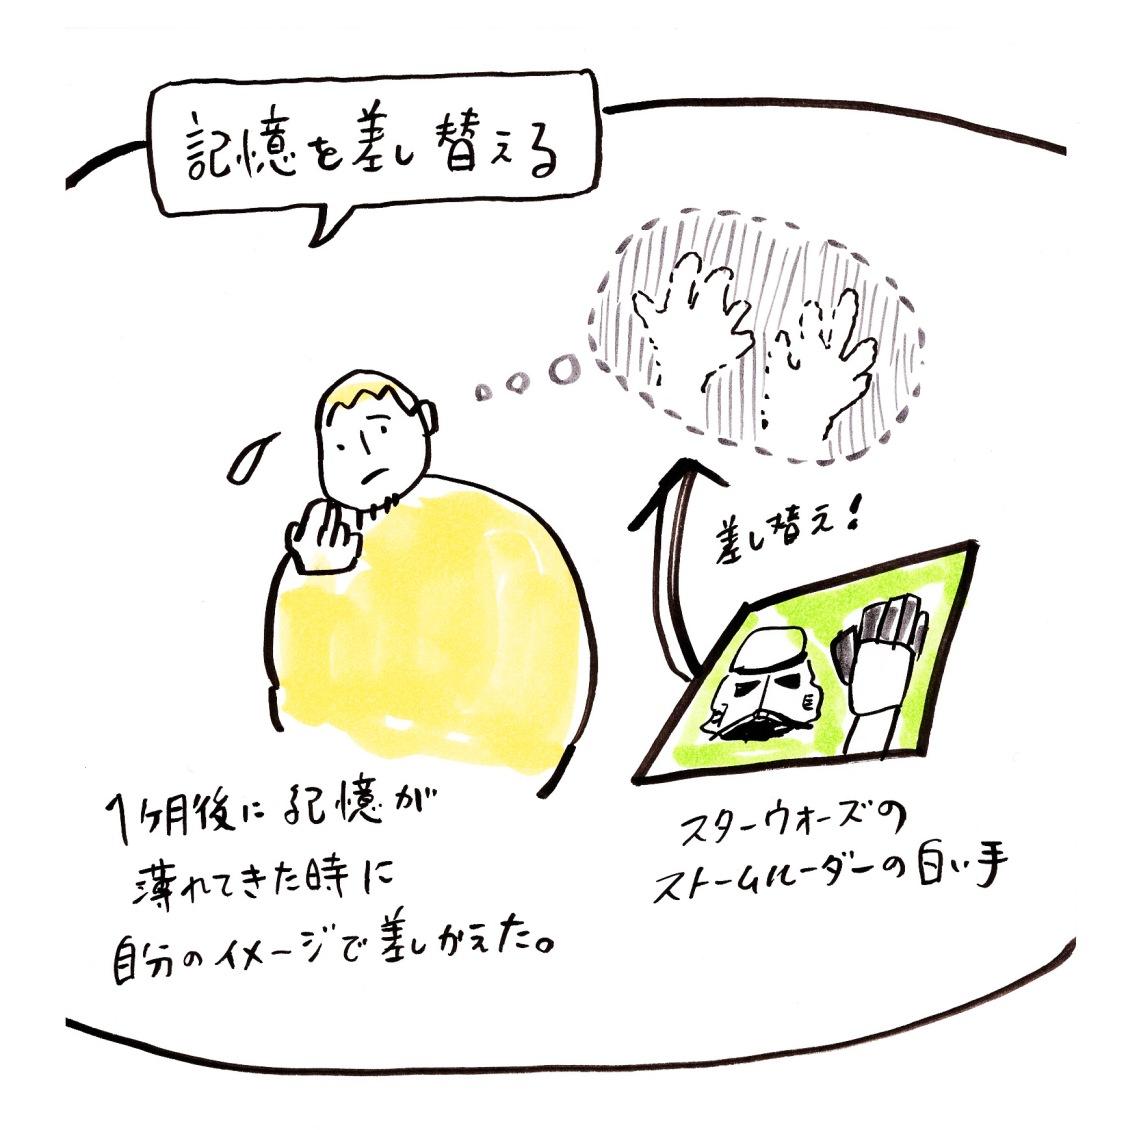 後半_4.JPG